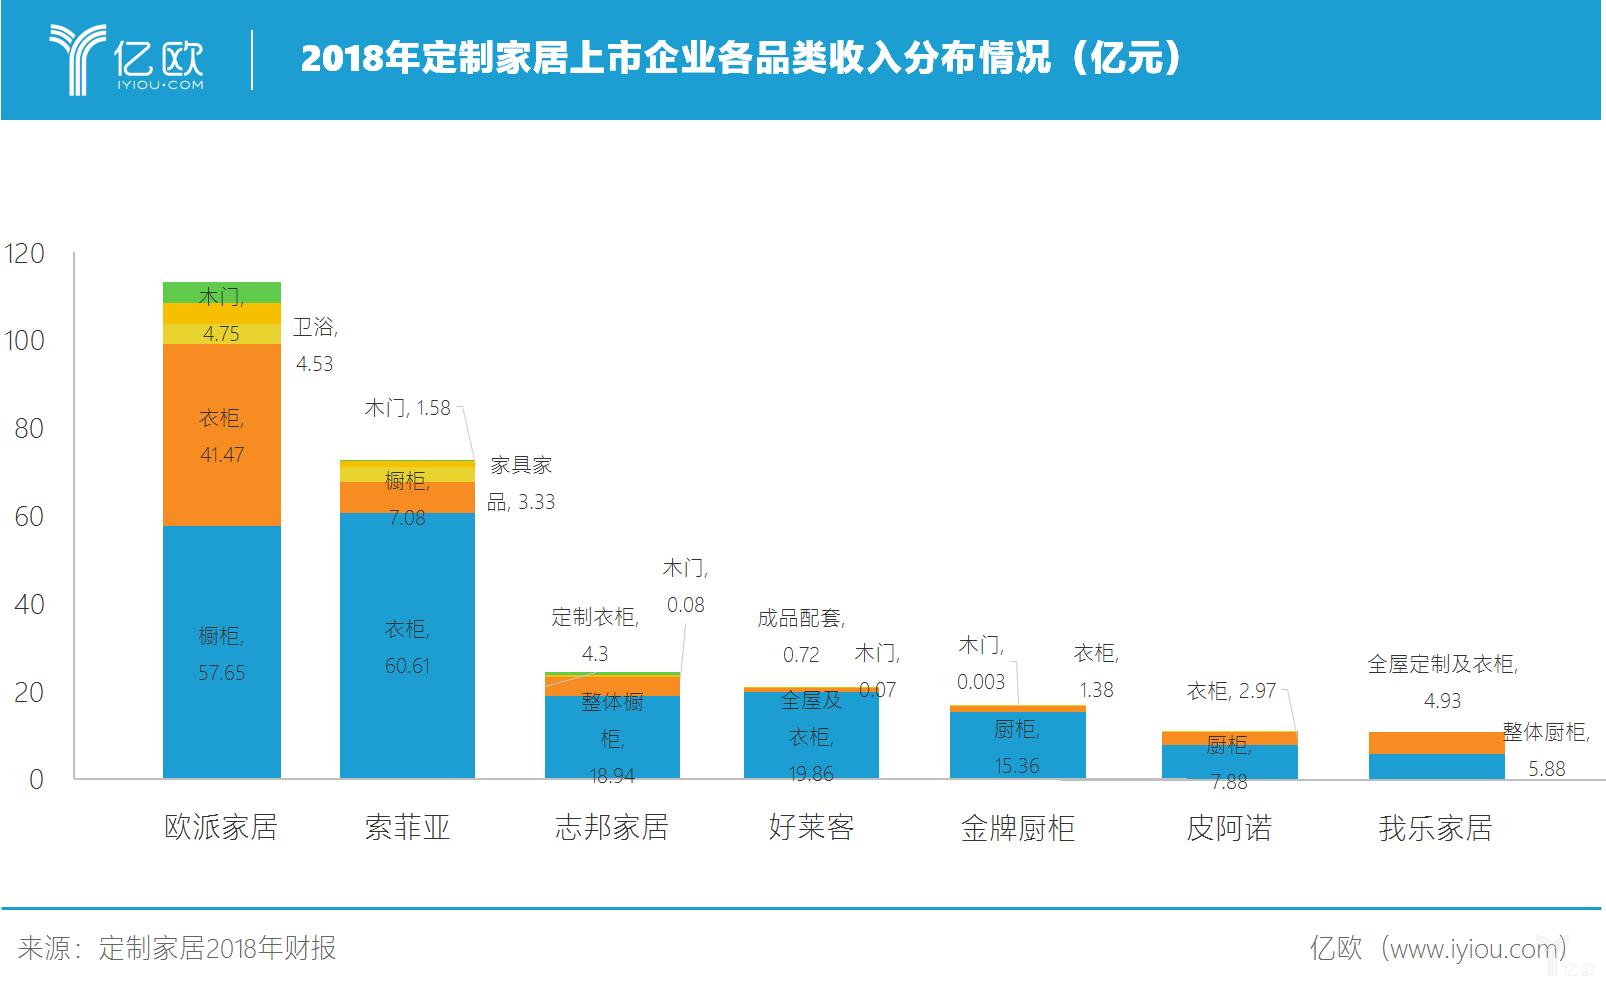 2018年定制家居企业各品类收入分布情况.png